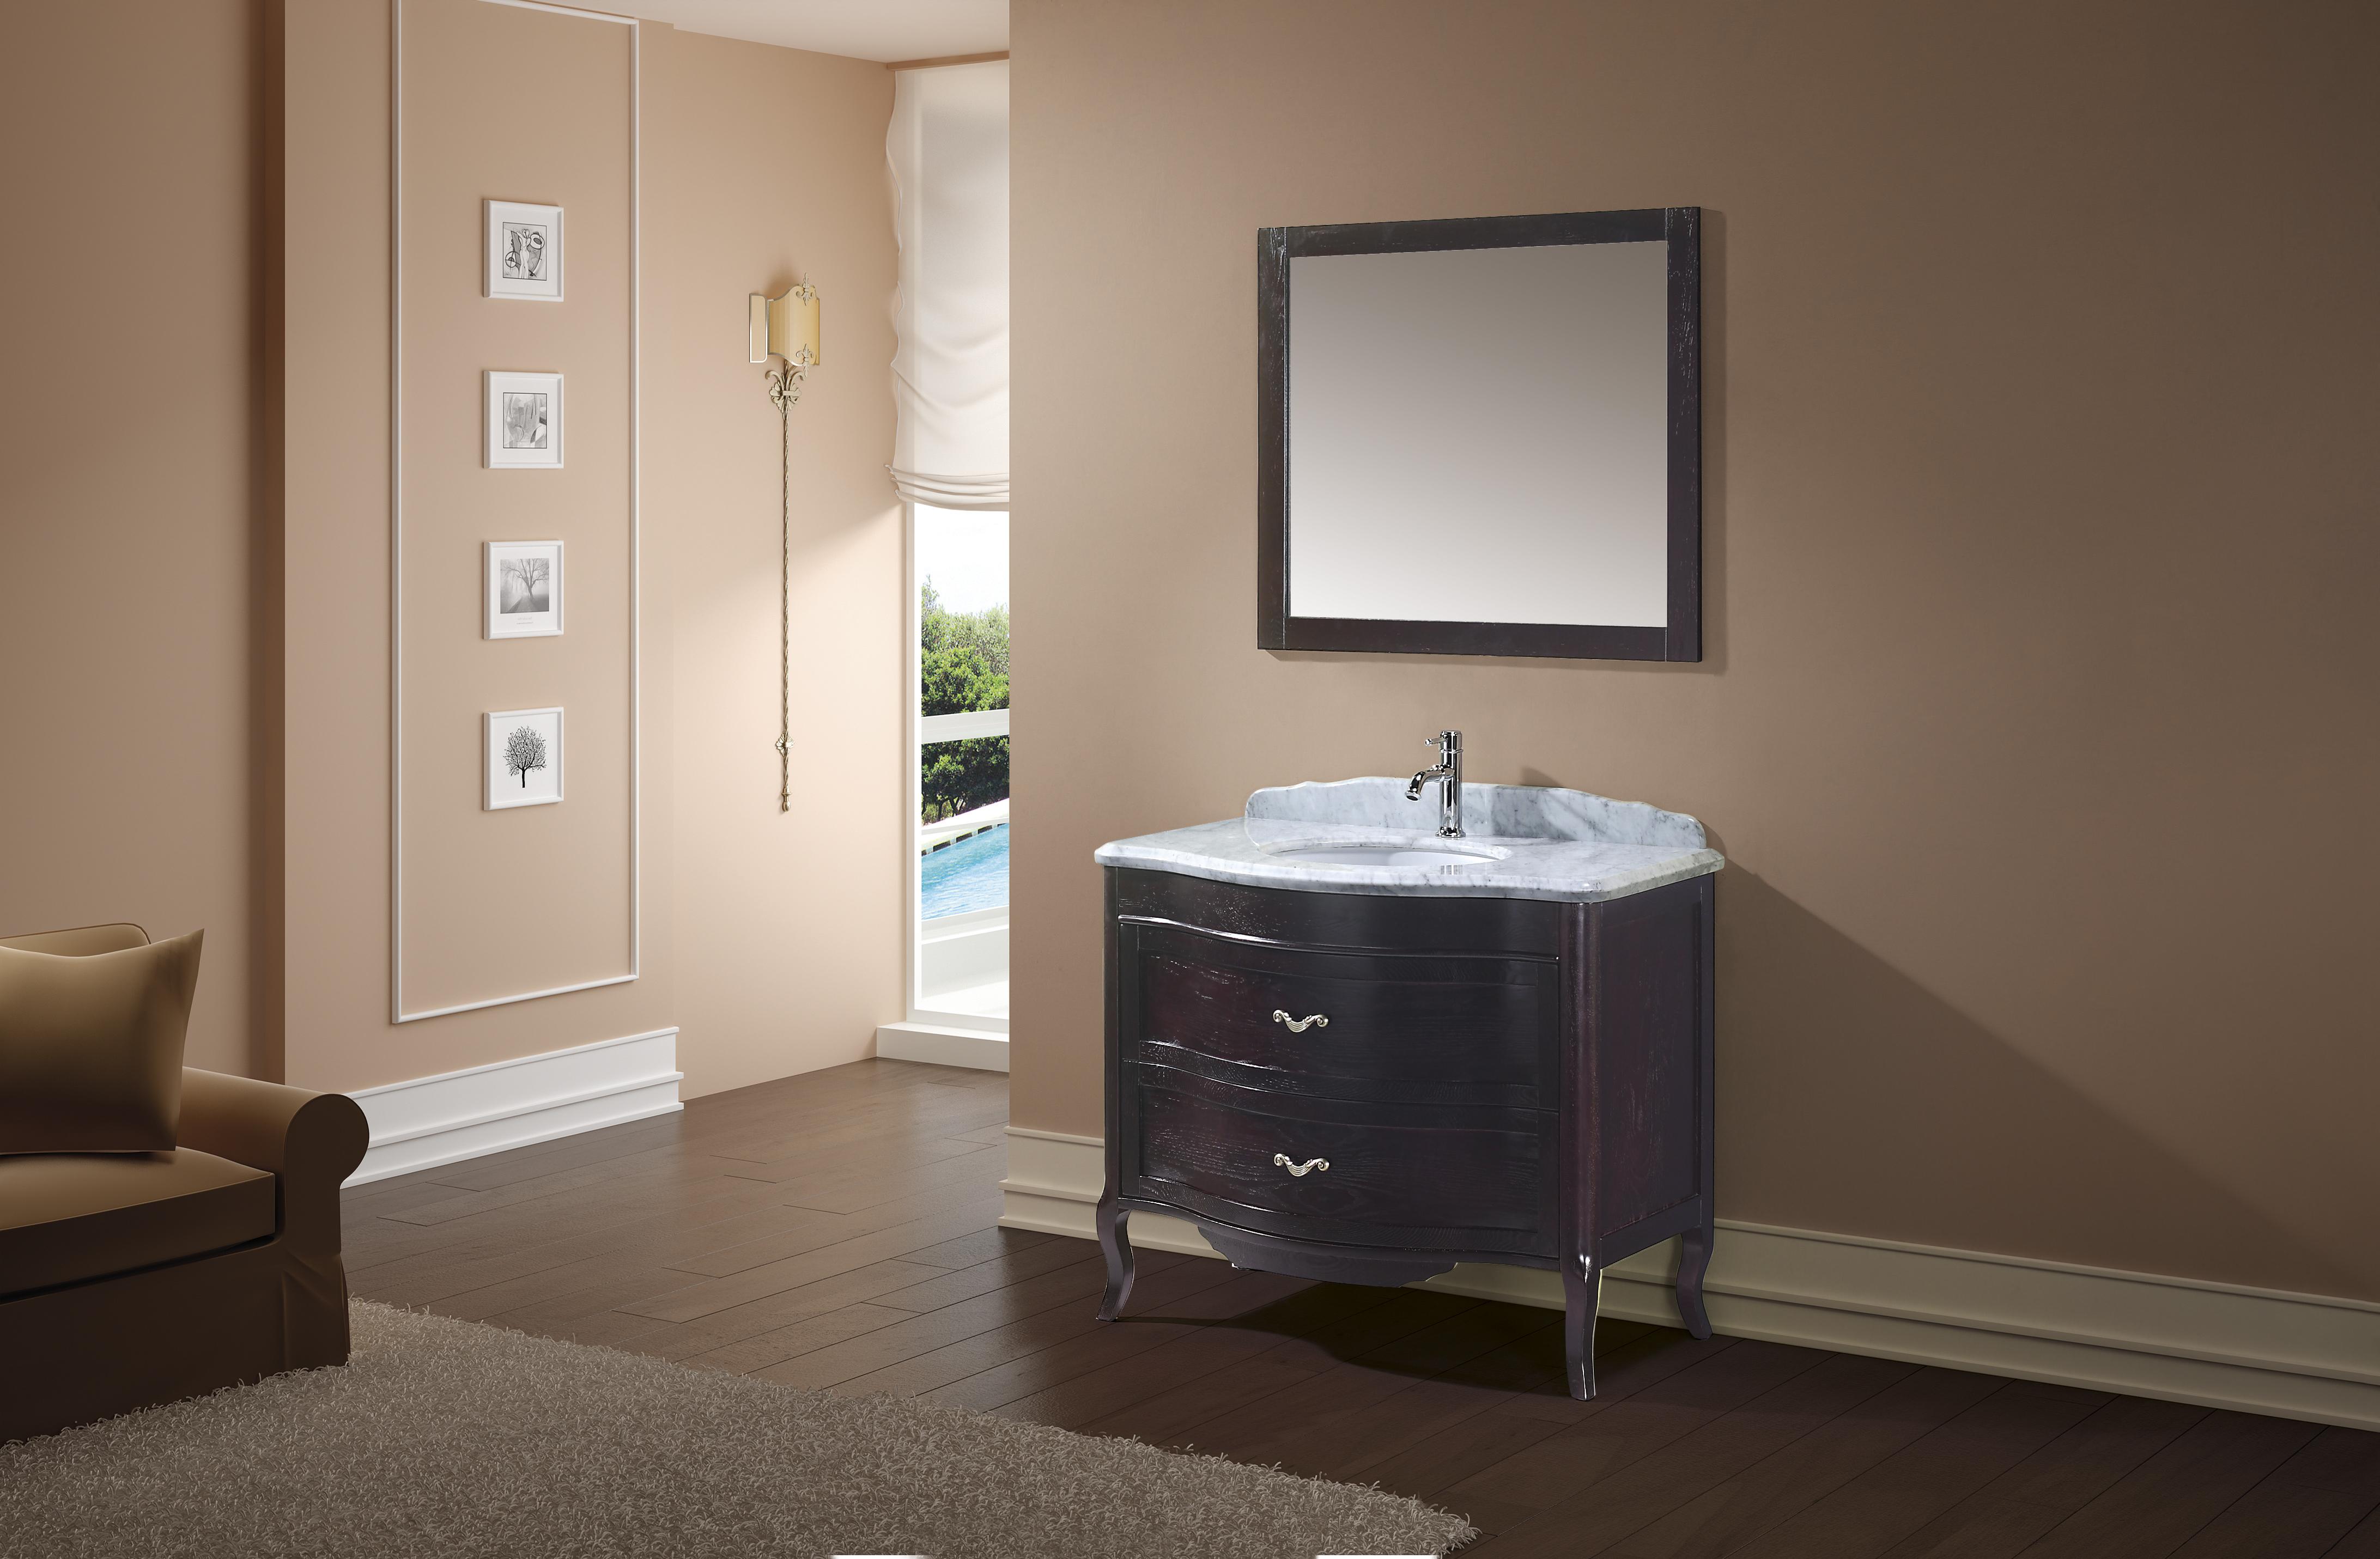 Meuble de salle de bain en bois noble meubles et for Cedeo meuble salle de bain